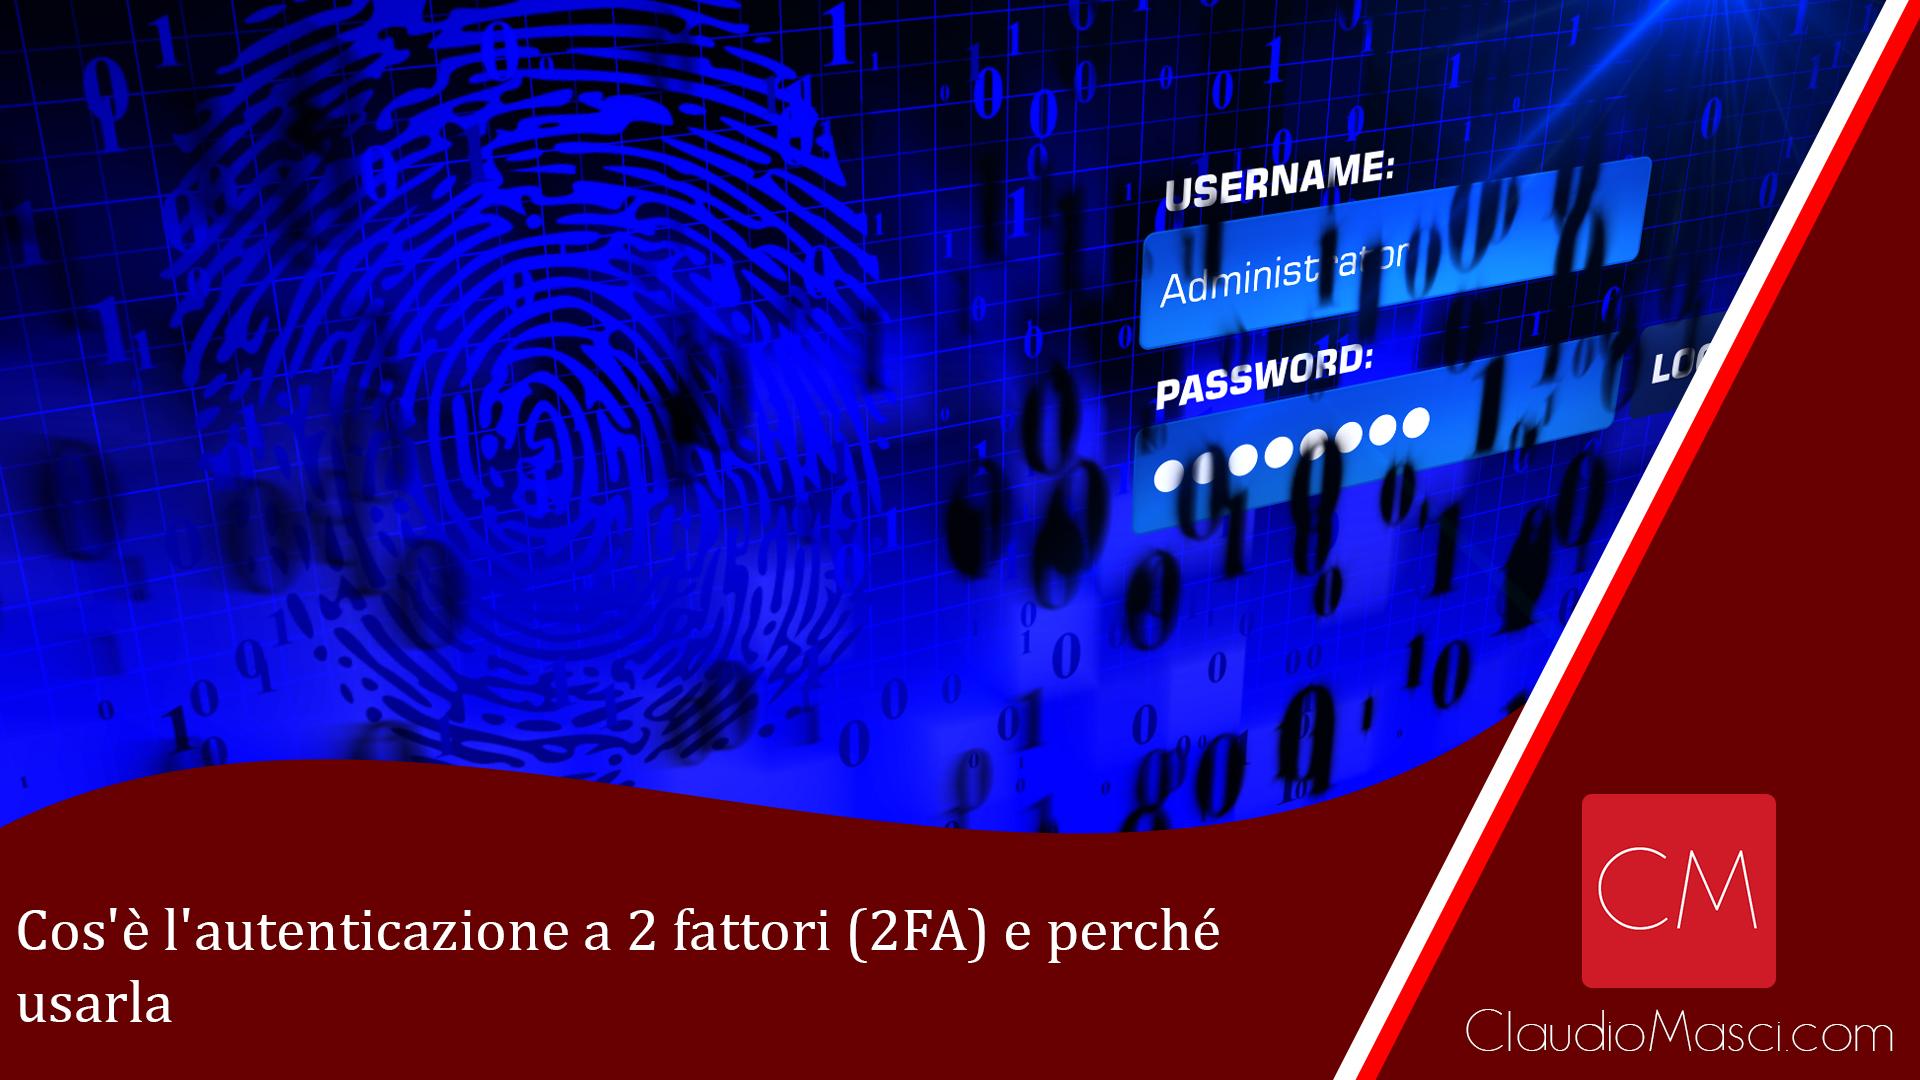 Cos'è l'autenticazione a 2 fattori (2FA) e perché usarla